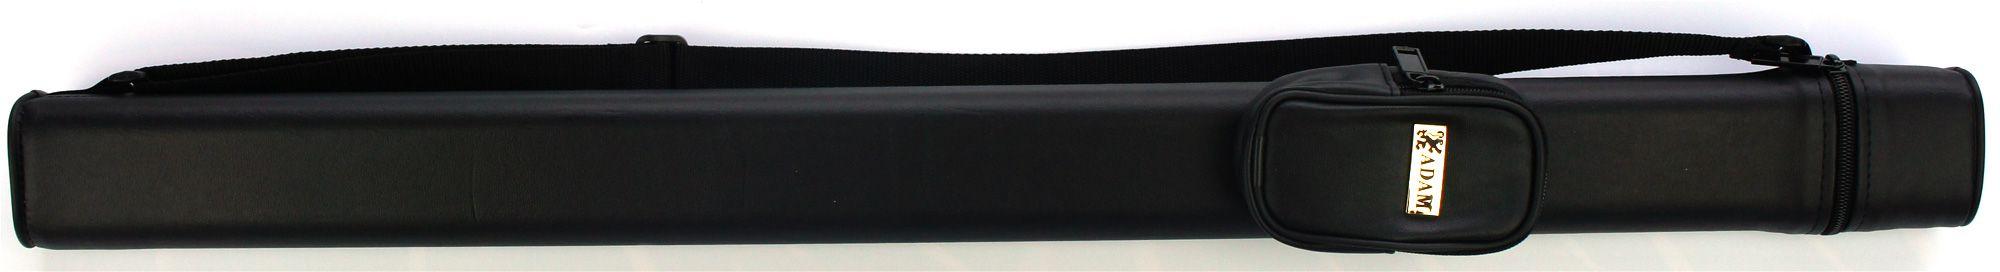 キューケース アダム om-12bk 黒 (バット1本シャフト2本収納) 商品画像